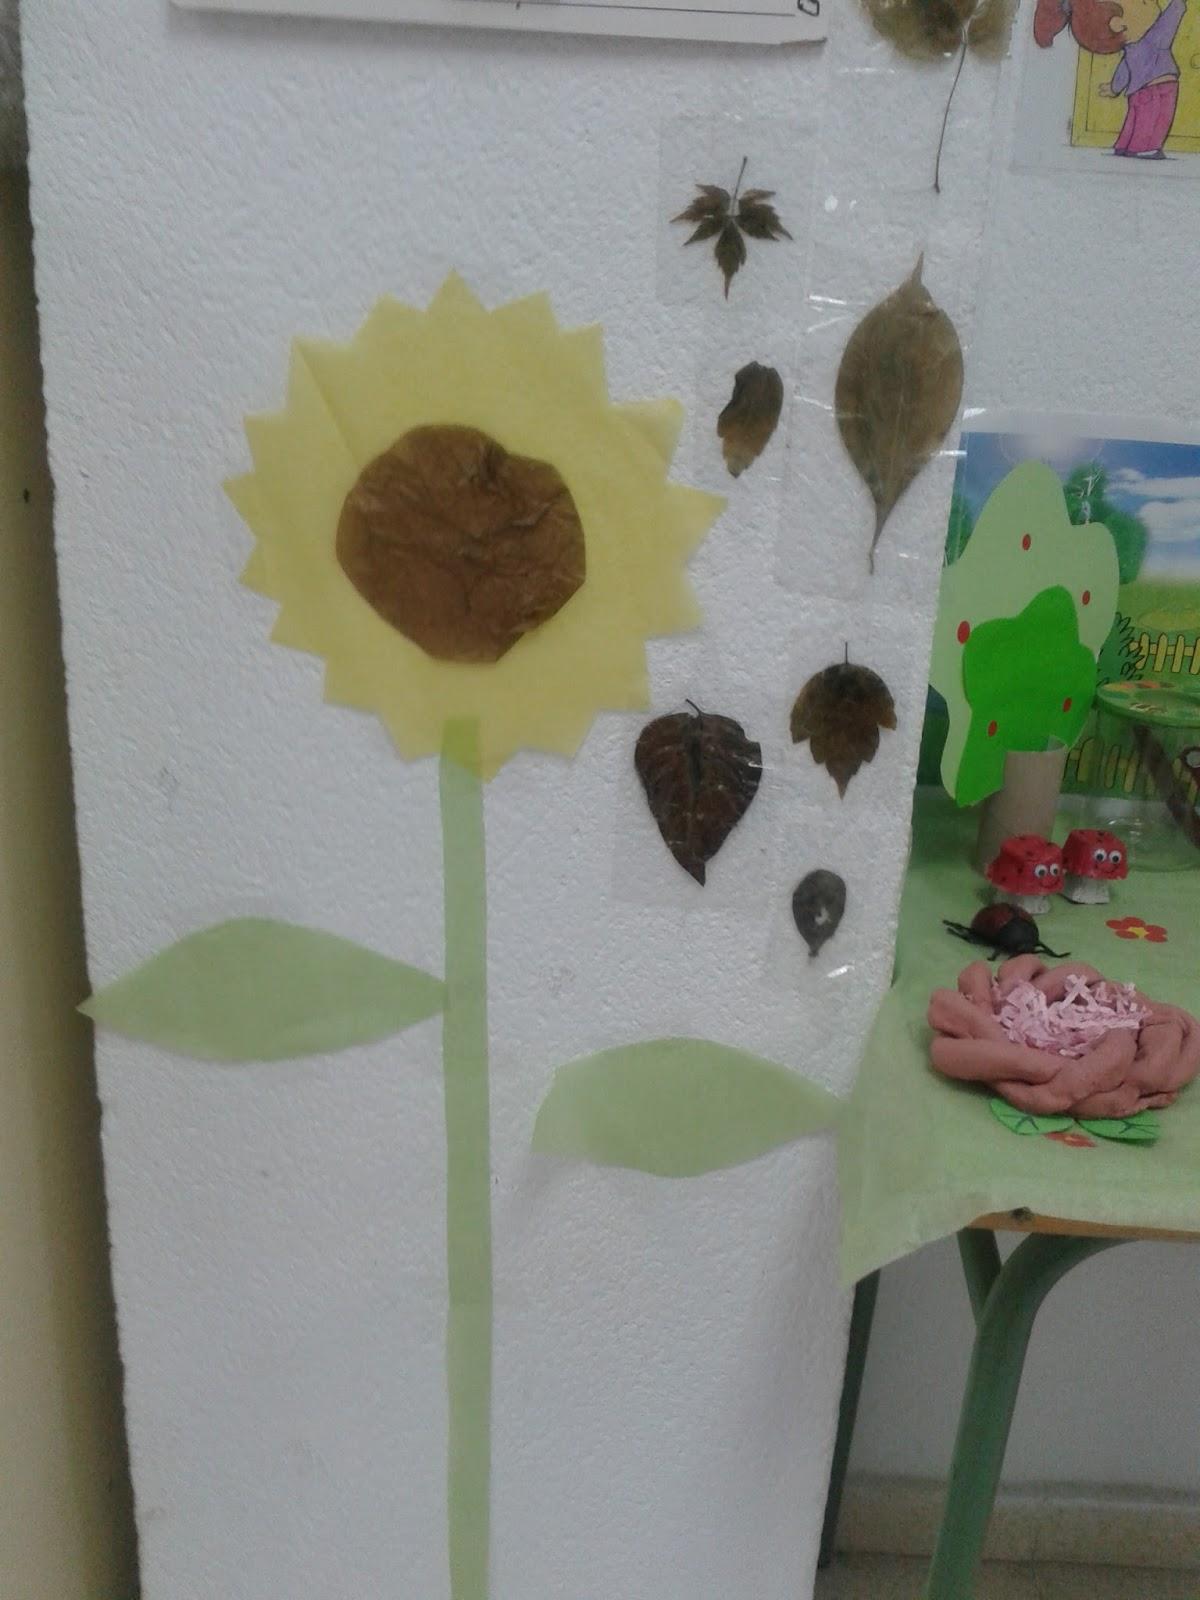 Achuchando el mundo decoraci n de aula primavera for El mundo decoracion